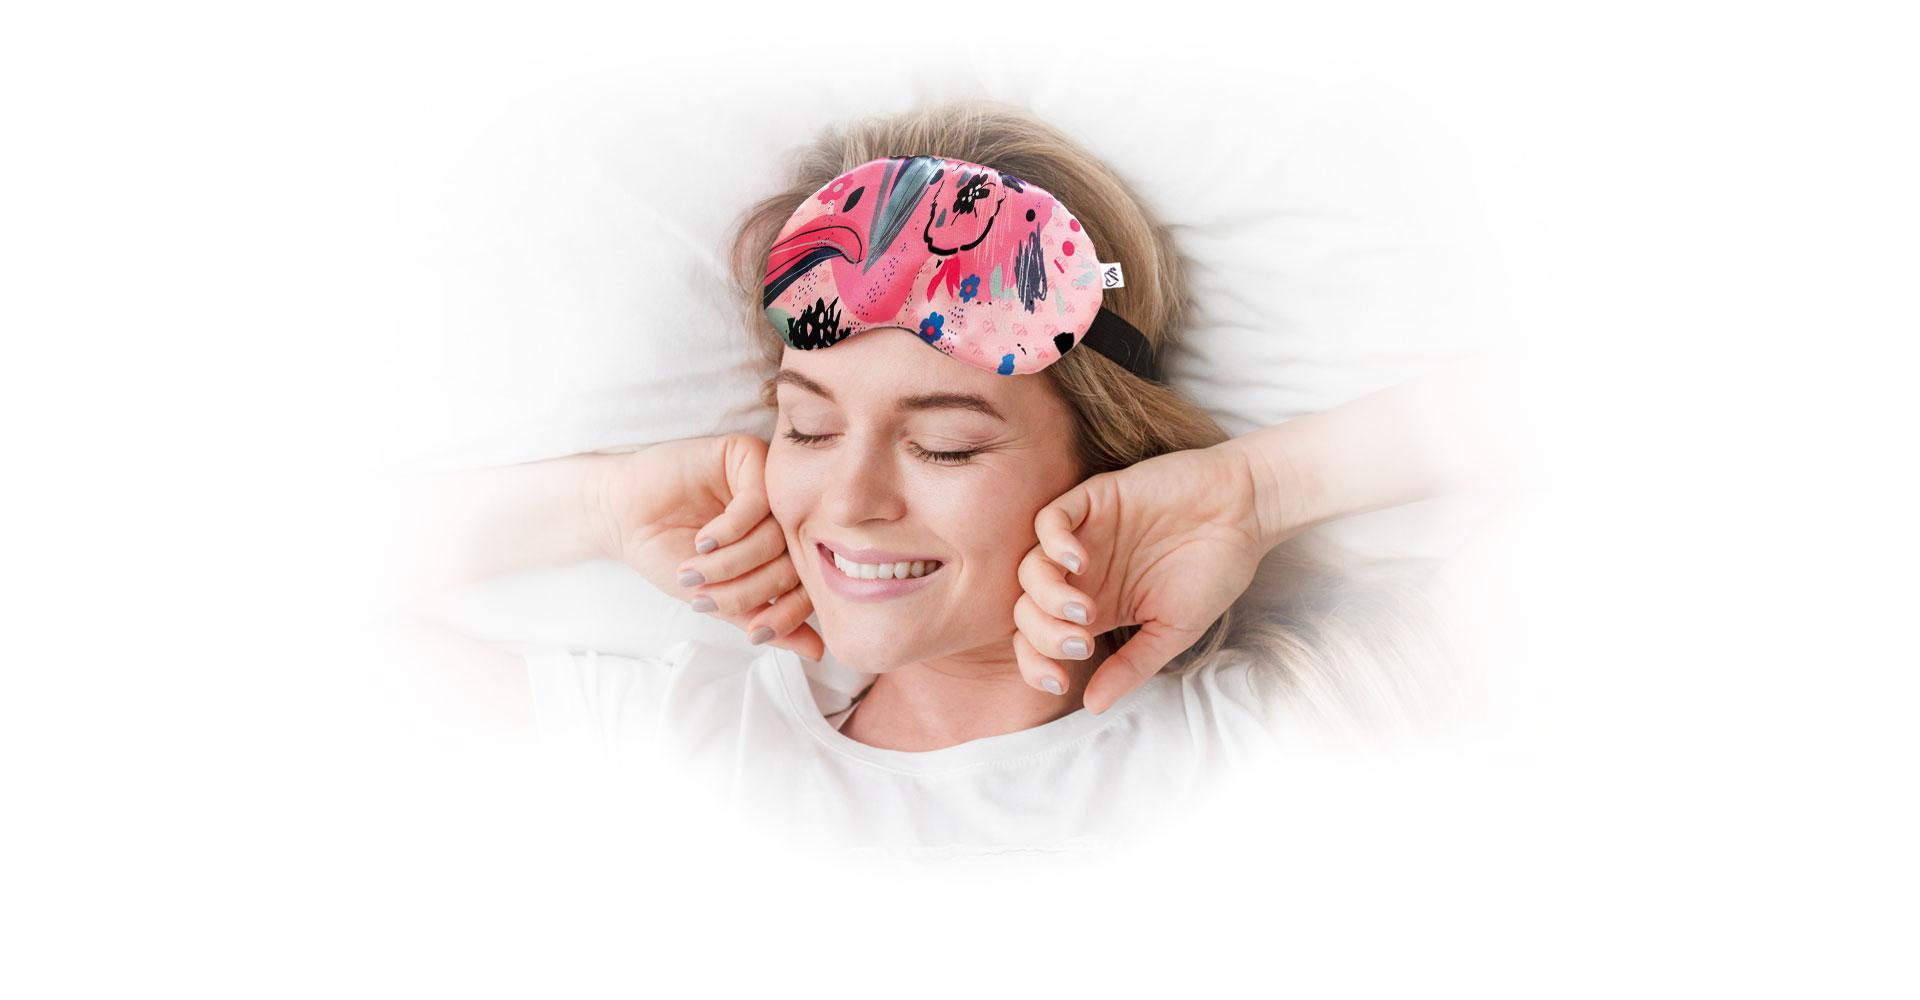 magik-mask-raggi-infrarossi-benessere-meglio-in-salute